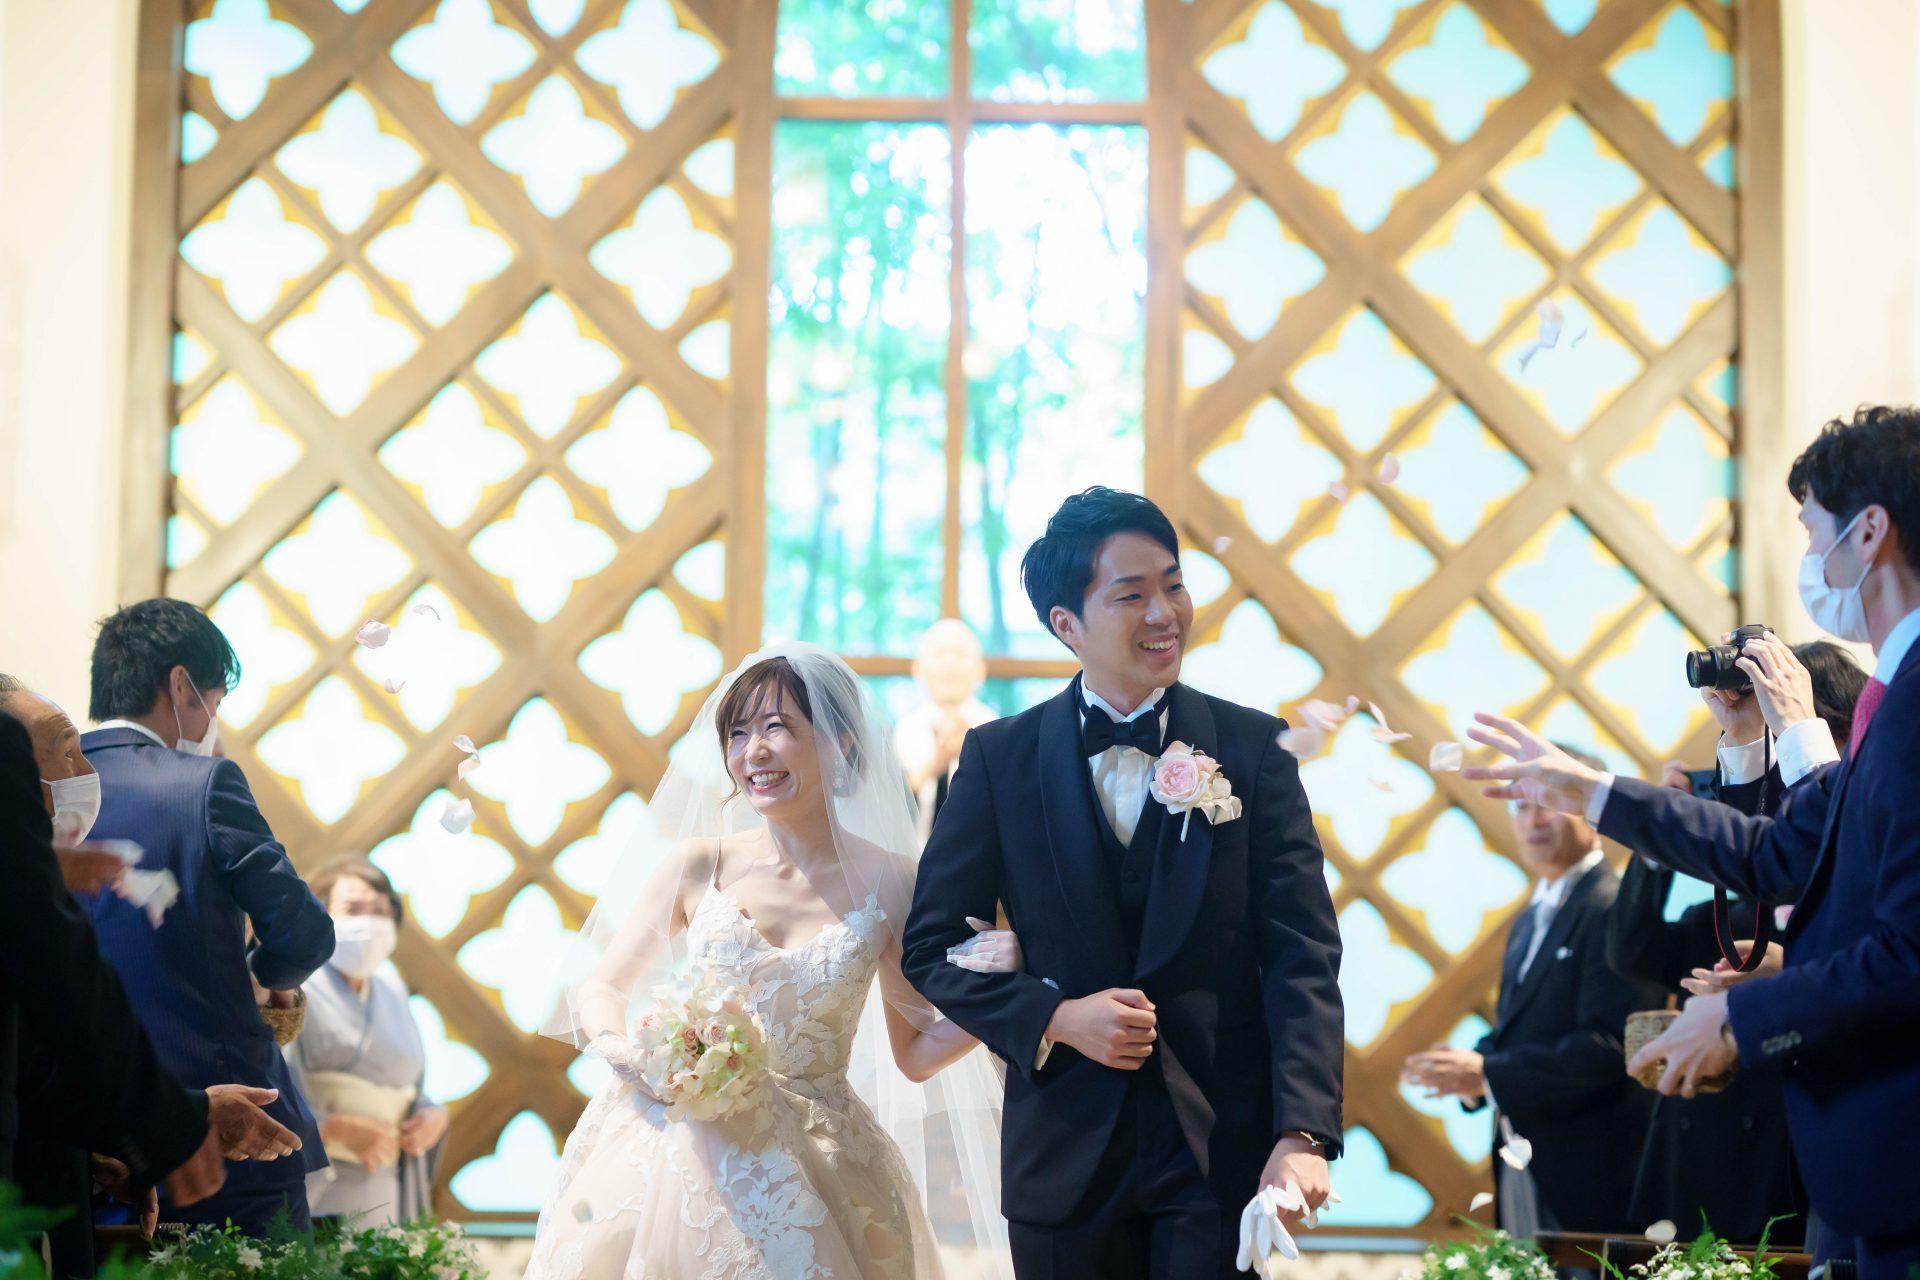 フォーチュンガーデン京都店の提携会場フォーチュンガーデン京都のチャペルに映えるレースが美しく大人可愛いモニークルイリエのウエディングドレス